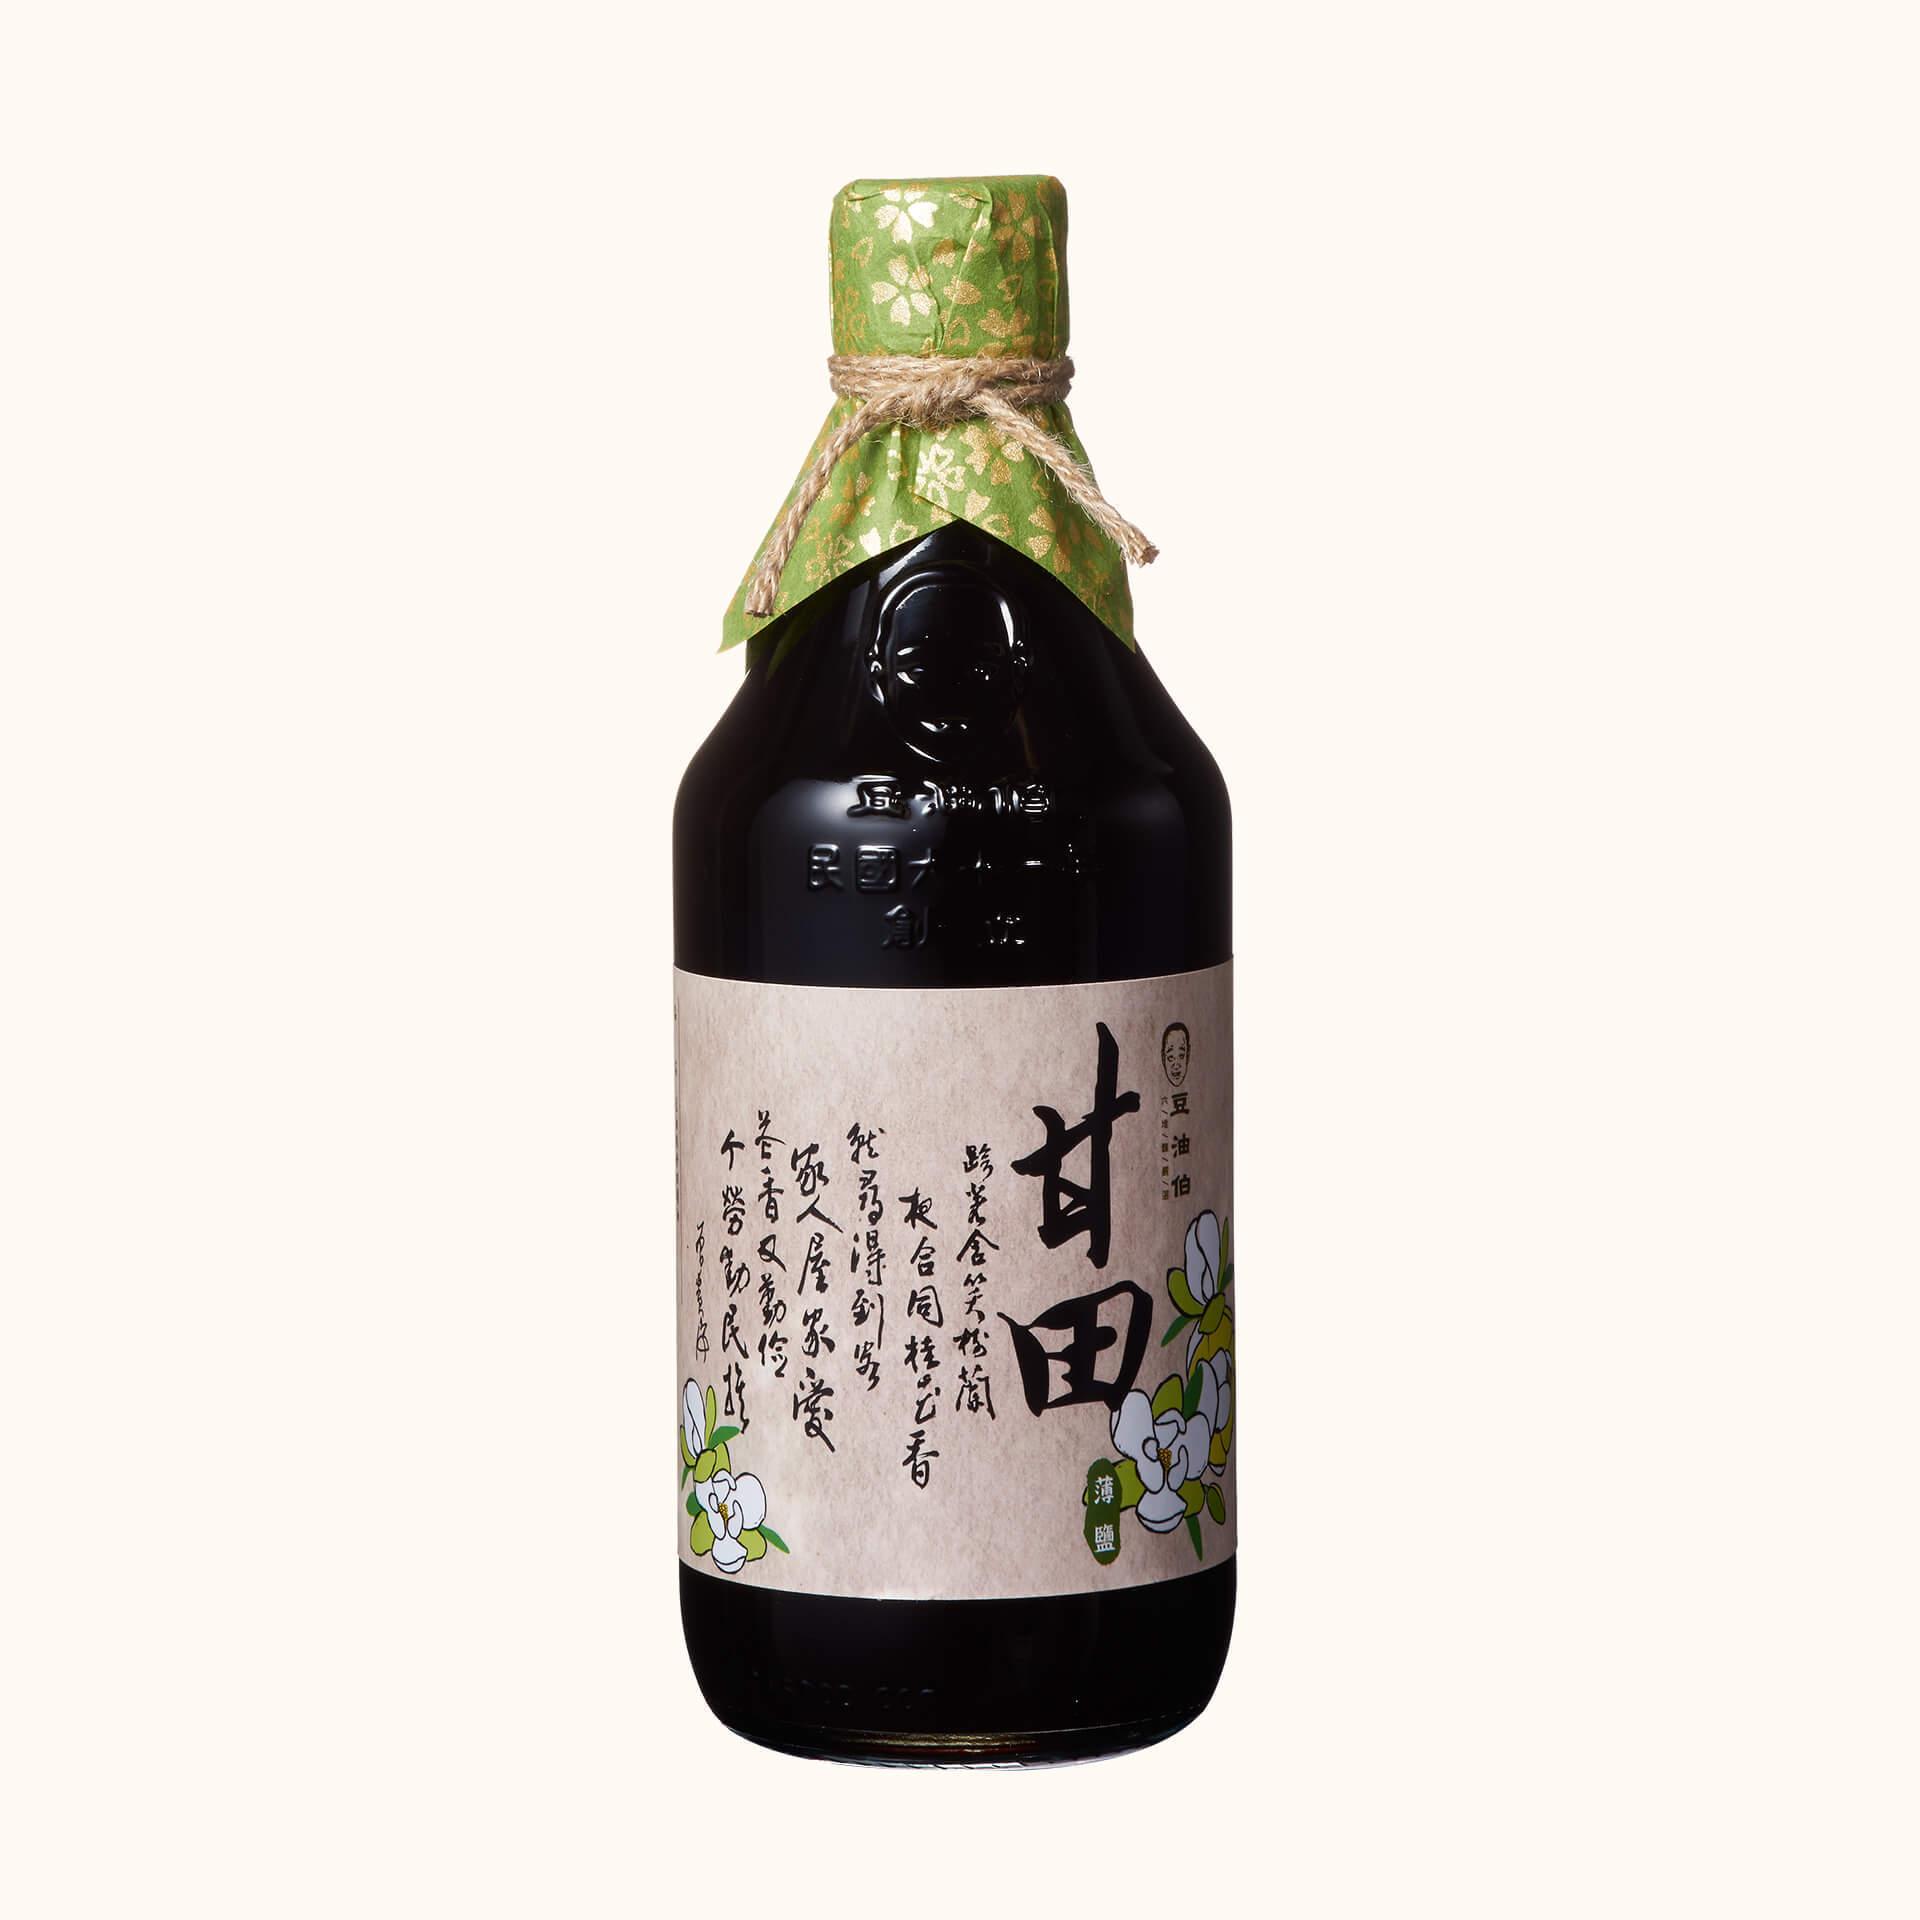 【田蜜美滿伴手禮】甘田醬油1入+金美滿醬油1入+金美好醬油1入(禮盒1組,共3入)